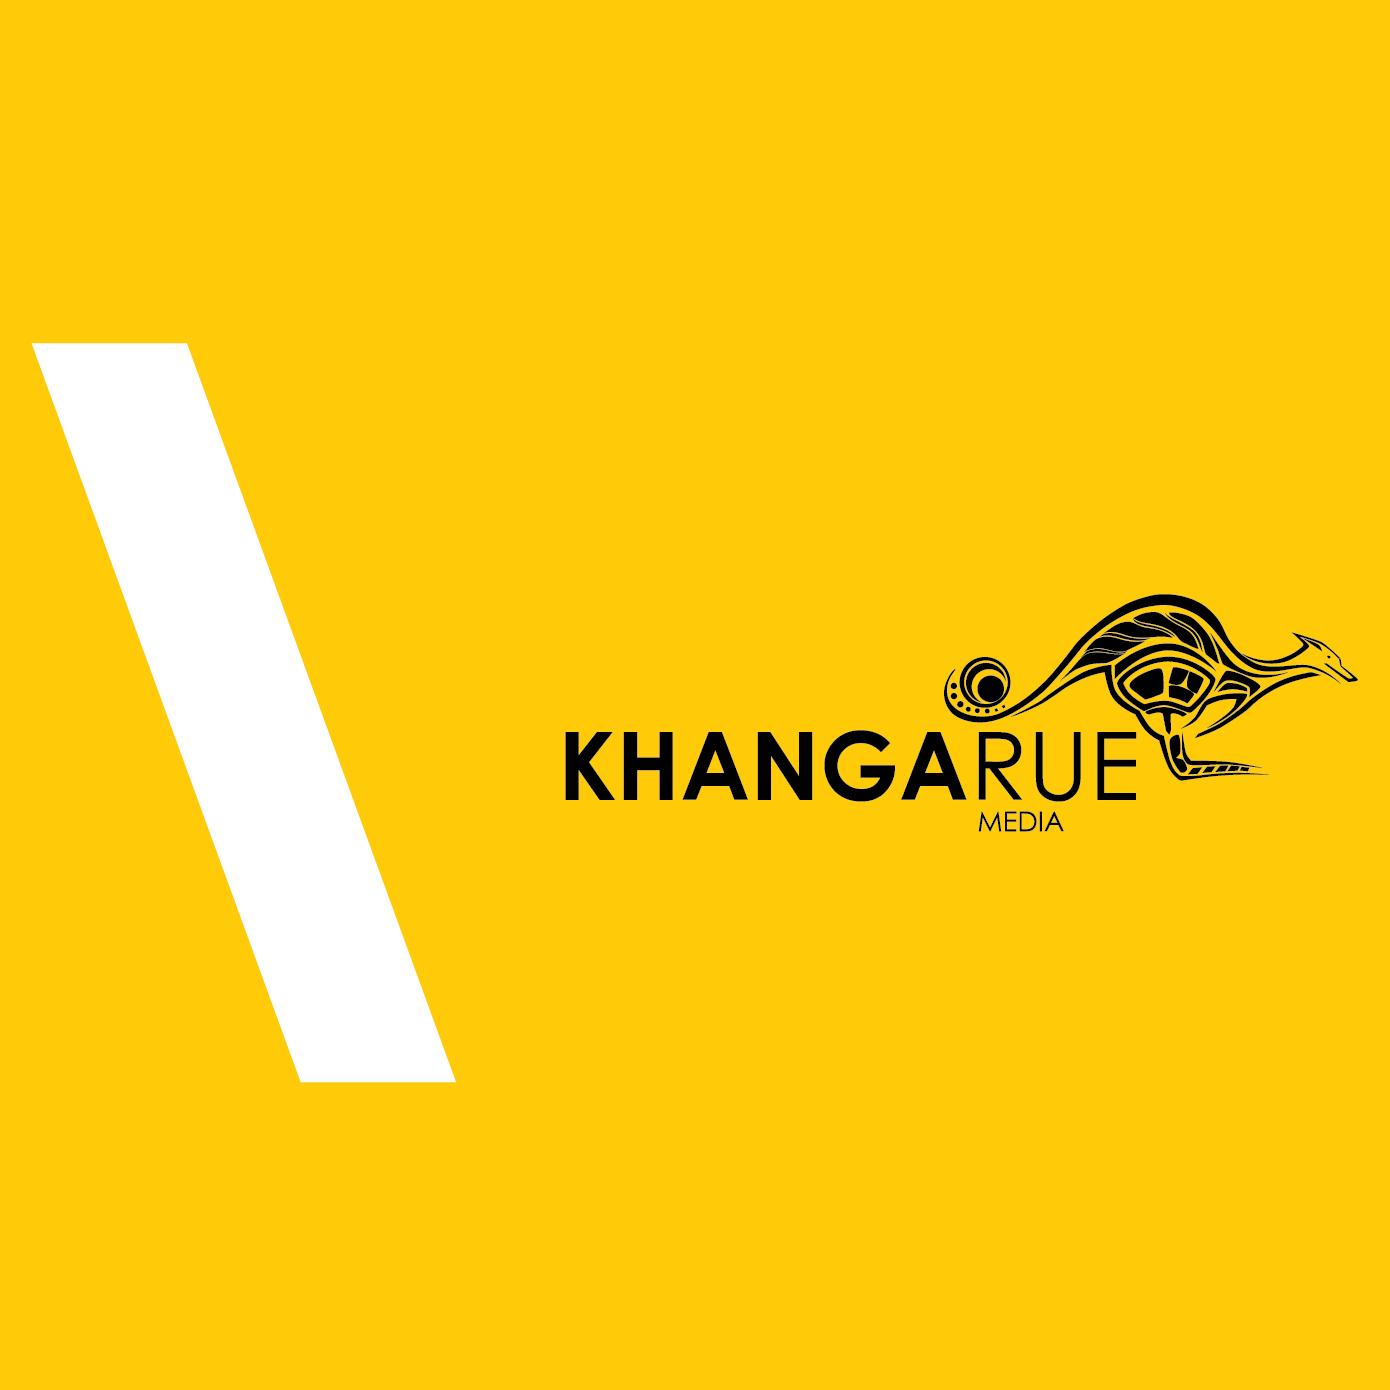 Khanga Rue Media